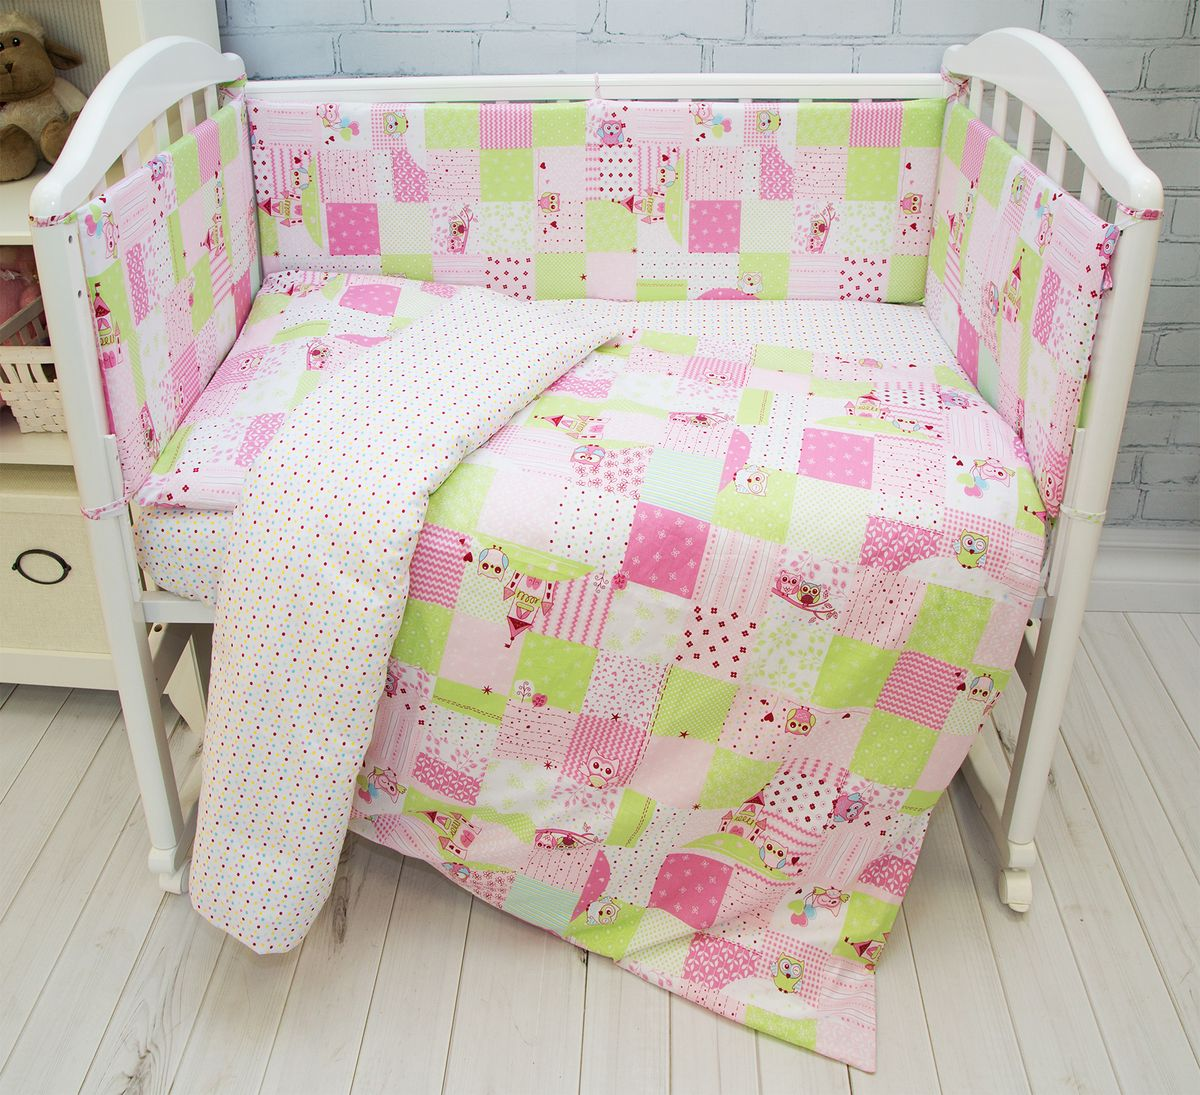 Споки Ноки Комплект в кроватку Совы 6 предметов цвет розовыйН613-01_розовыйКомплект в кроватку Споки Ноки Совы для самых маленьких должен быть изготовлен только из самой качественной ткани, самой безопасной и гигиеничной, самой экологичнойи гипоаллергенной. Отлично подходит для кроваток малышей, которые часто двигаются во сне. Хлопковое волокно прекрасно переносит стирку, быстро сохнет и не требует особого ухода, не линяет и не вытягивается. Ткань прошла специальную обработку по умягчению, что сделало её невероятно мягкой и приятной к телу. Состав комплекта: простынь 112х147, пододеяльник 112х147, наволочка 40х60, борт (120х35 - 2 шт, 60х35 - 2 шт) , одеяло с наполнителем файбер 110х140, подушка 40х60